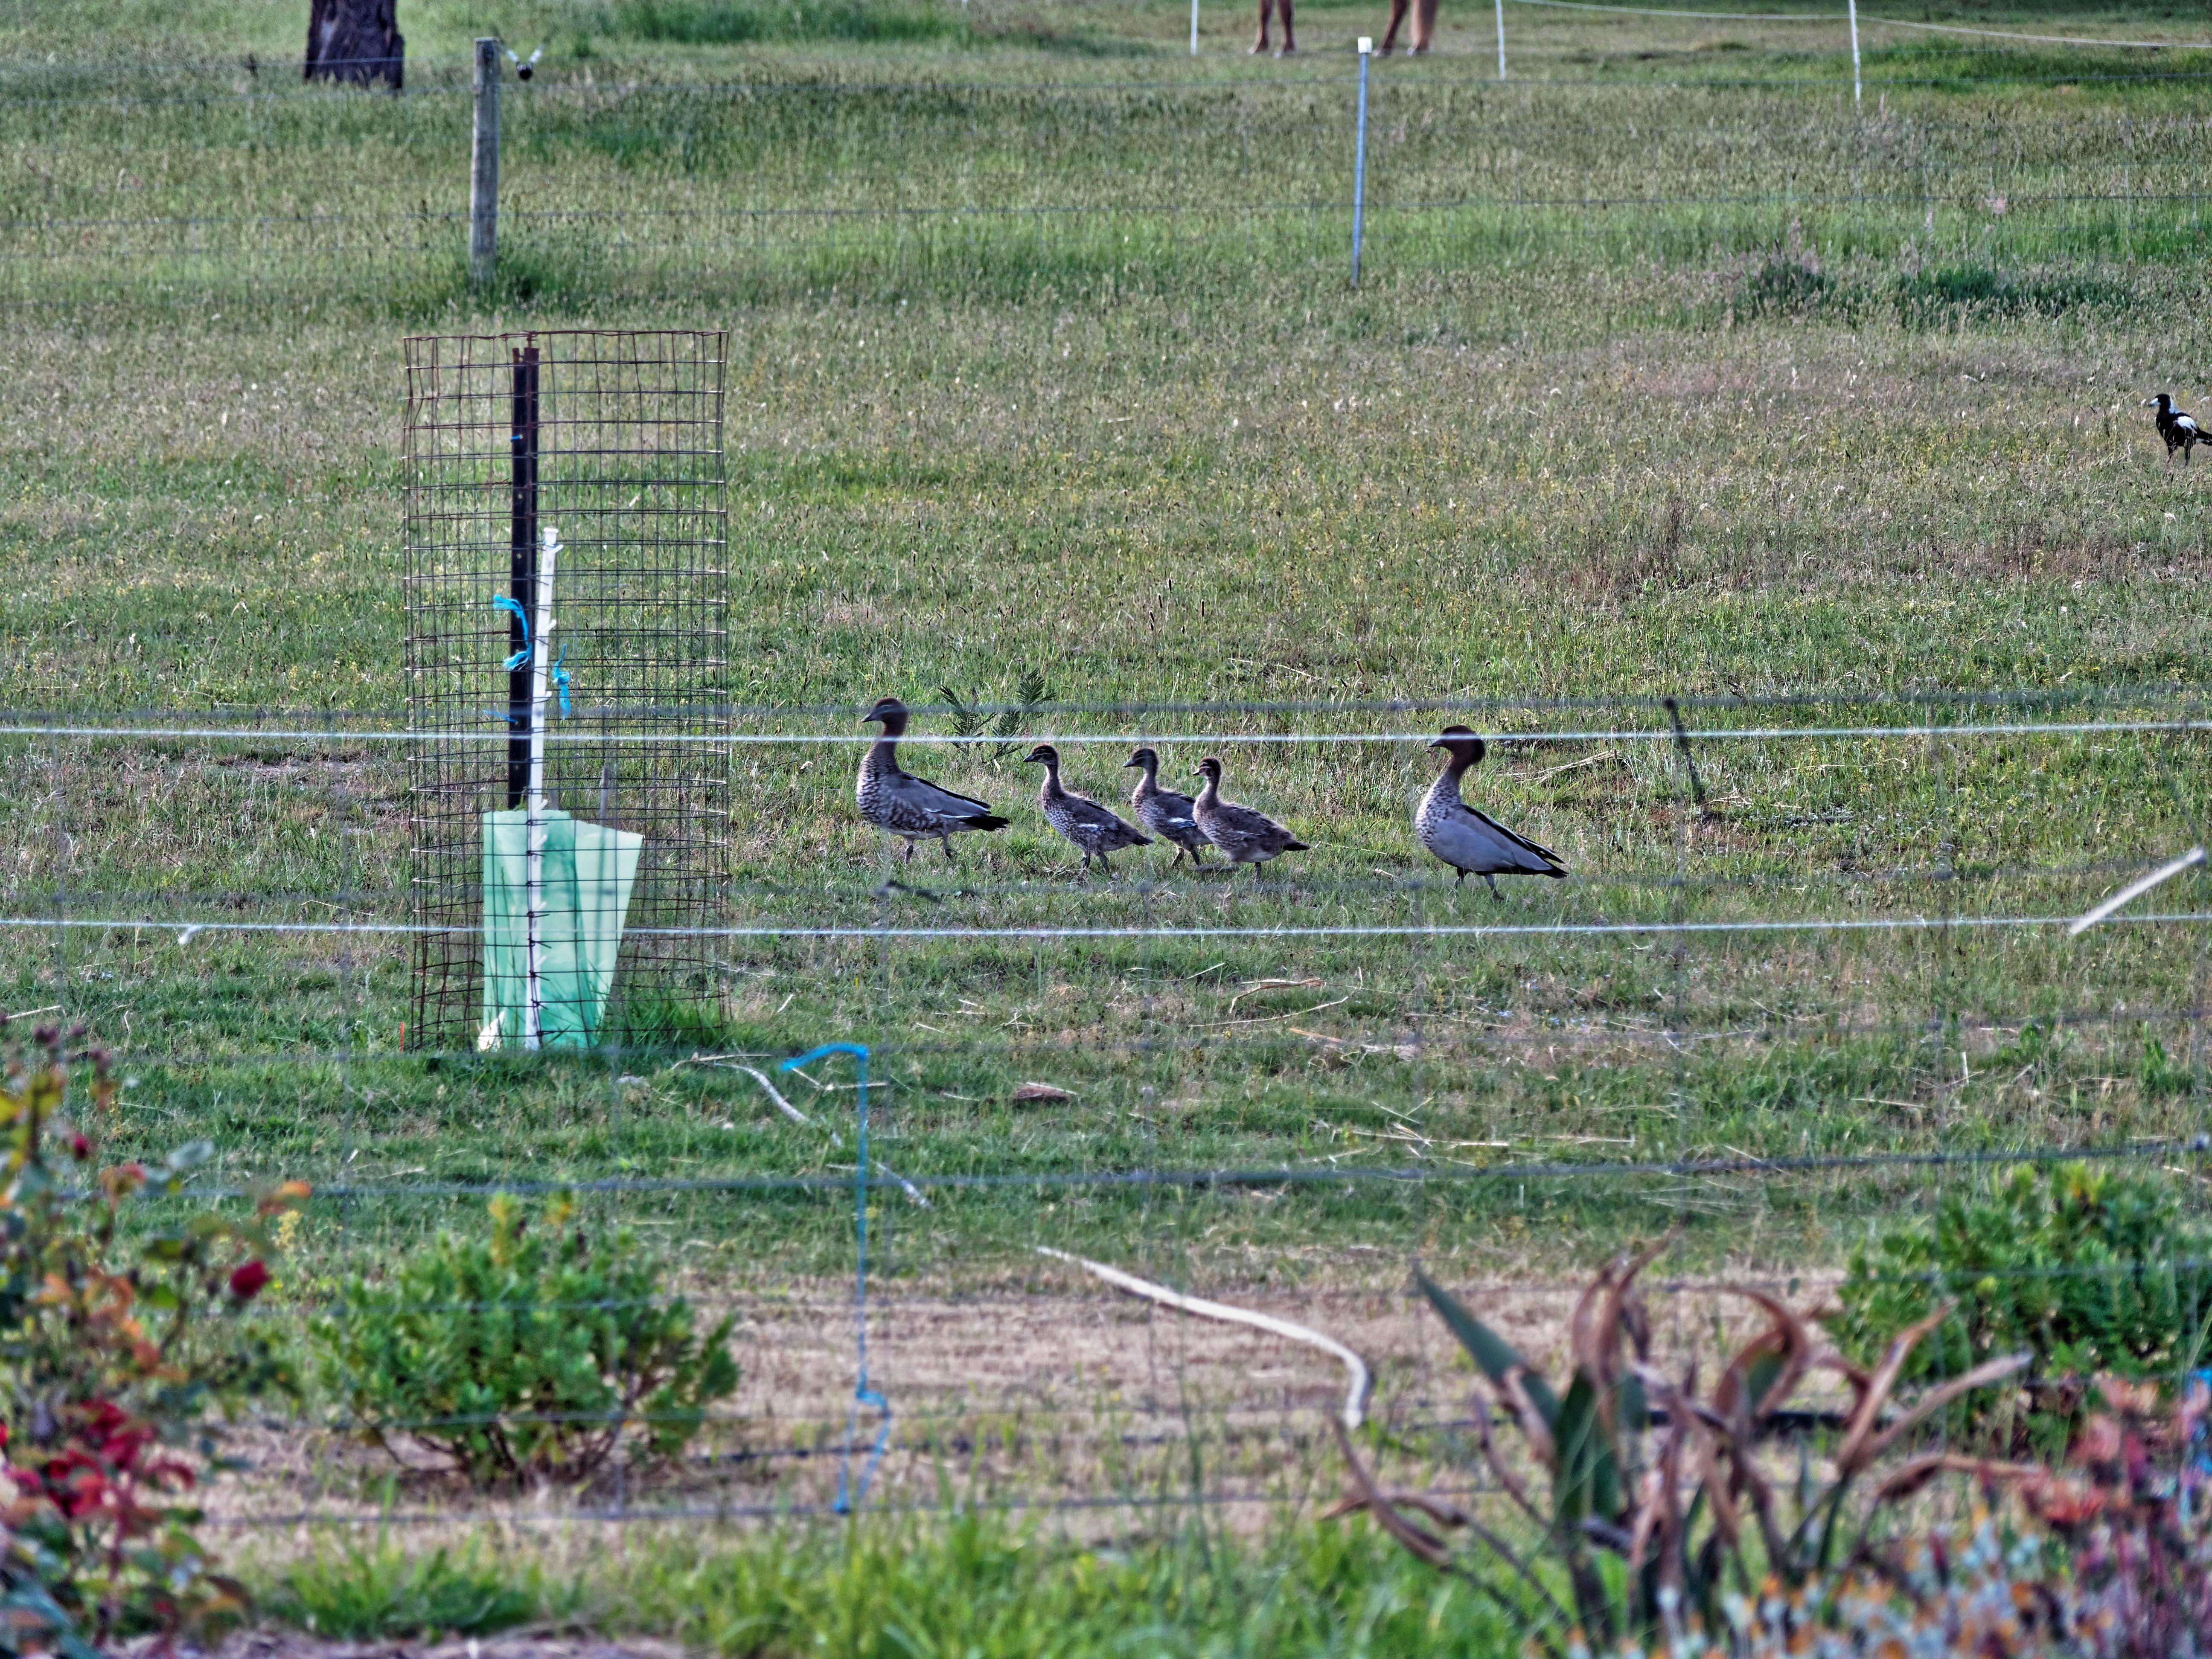 Magpies-and-ducks-2.jpeg